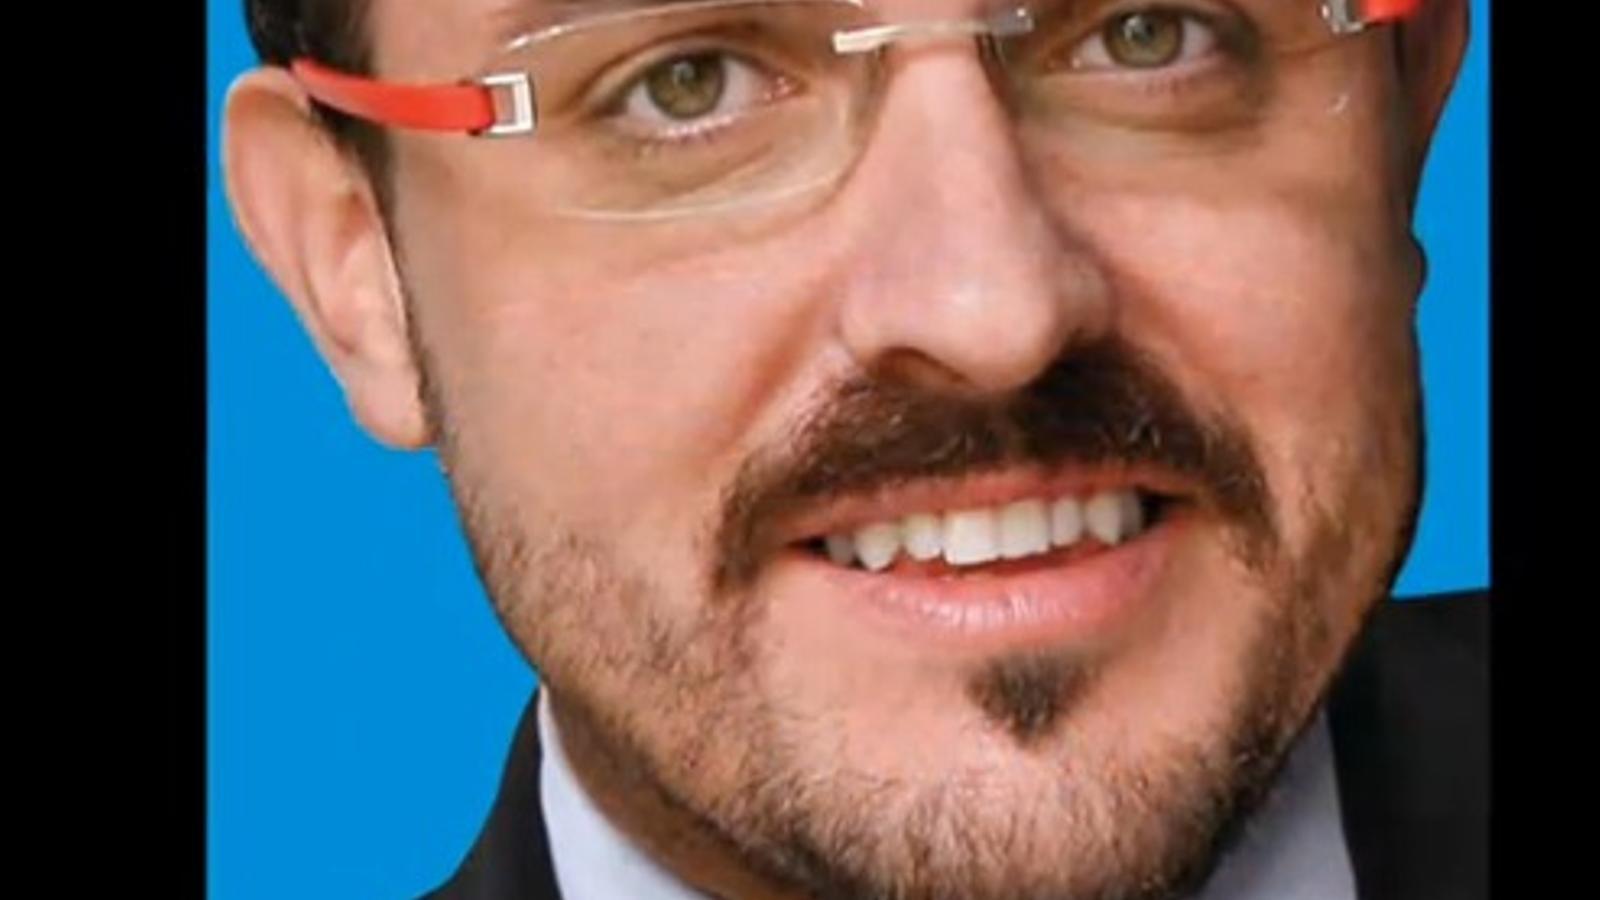 El candidat del PP a Tarragona versiona Lady Gaga per demanar el vot